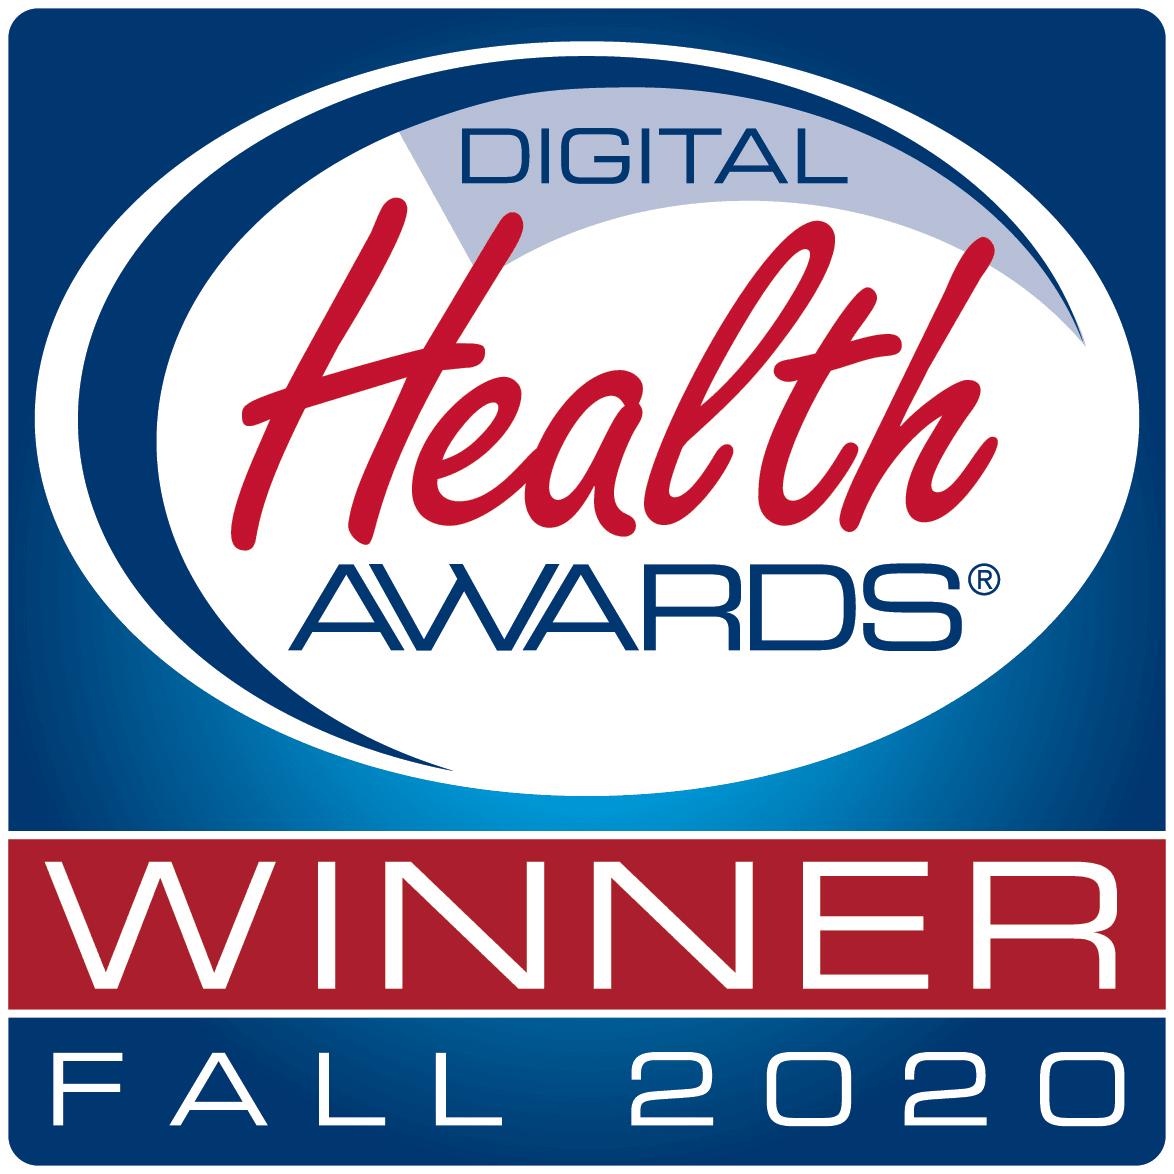 Digital Health Awards Winner Fall 2020